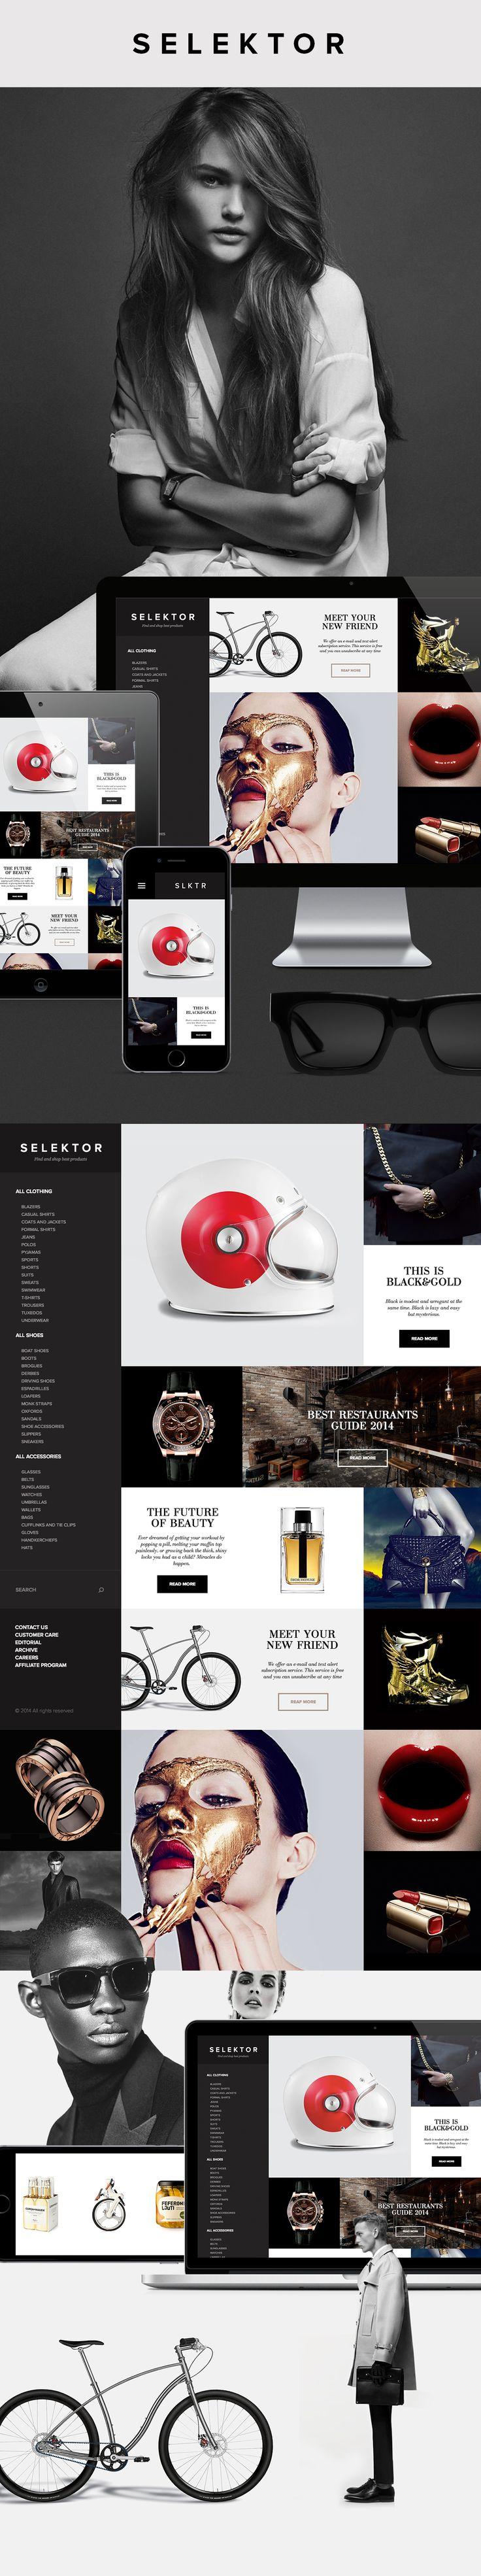 SLKTR — Naming, Logotype & Website on Behance